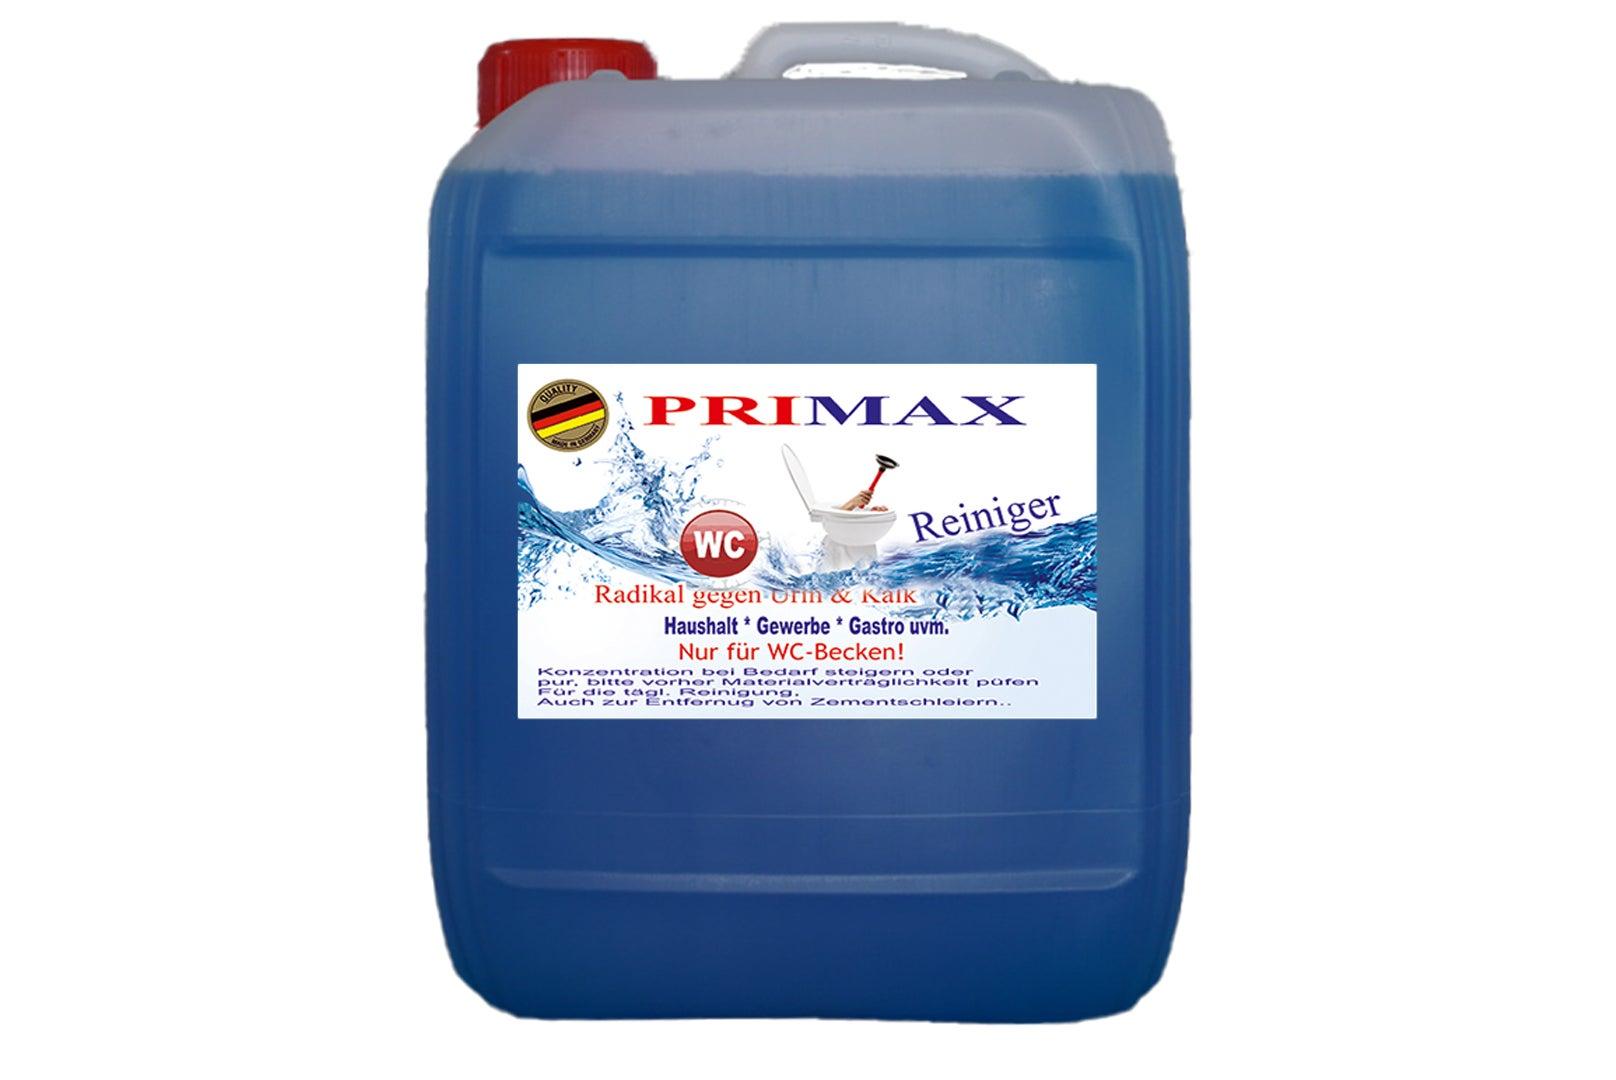 Primax WC-Reiniger